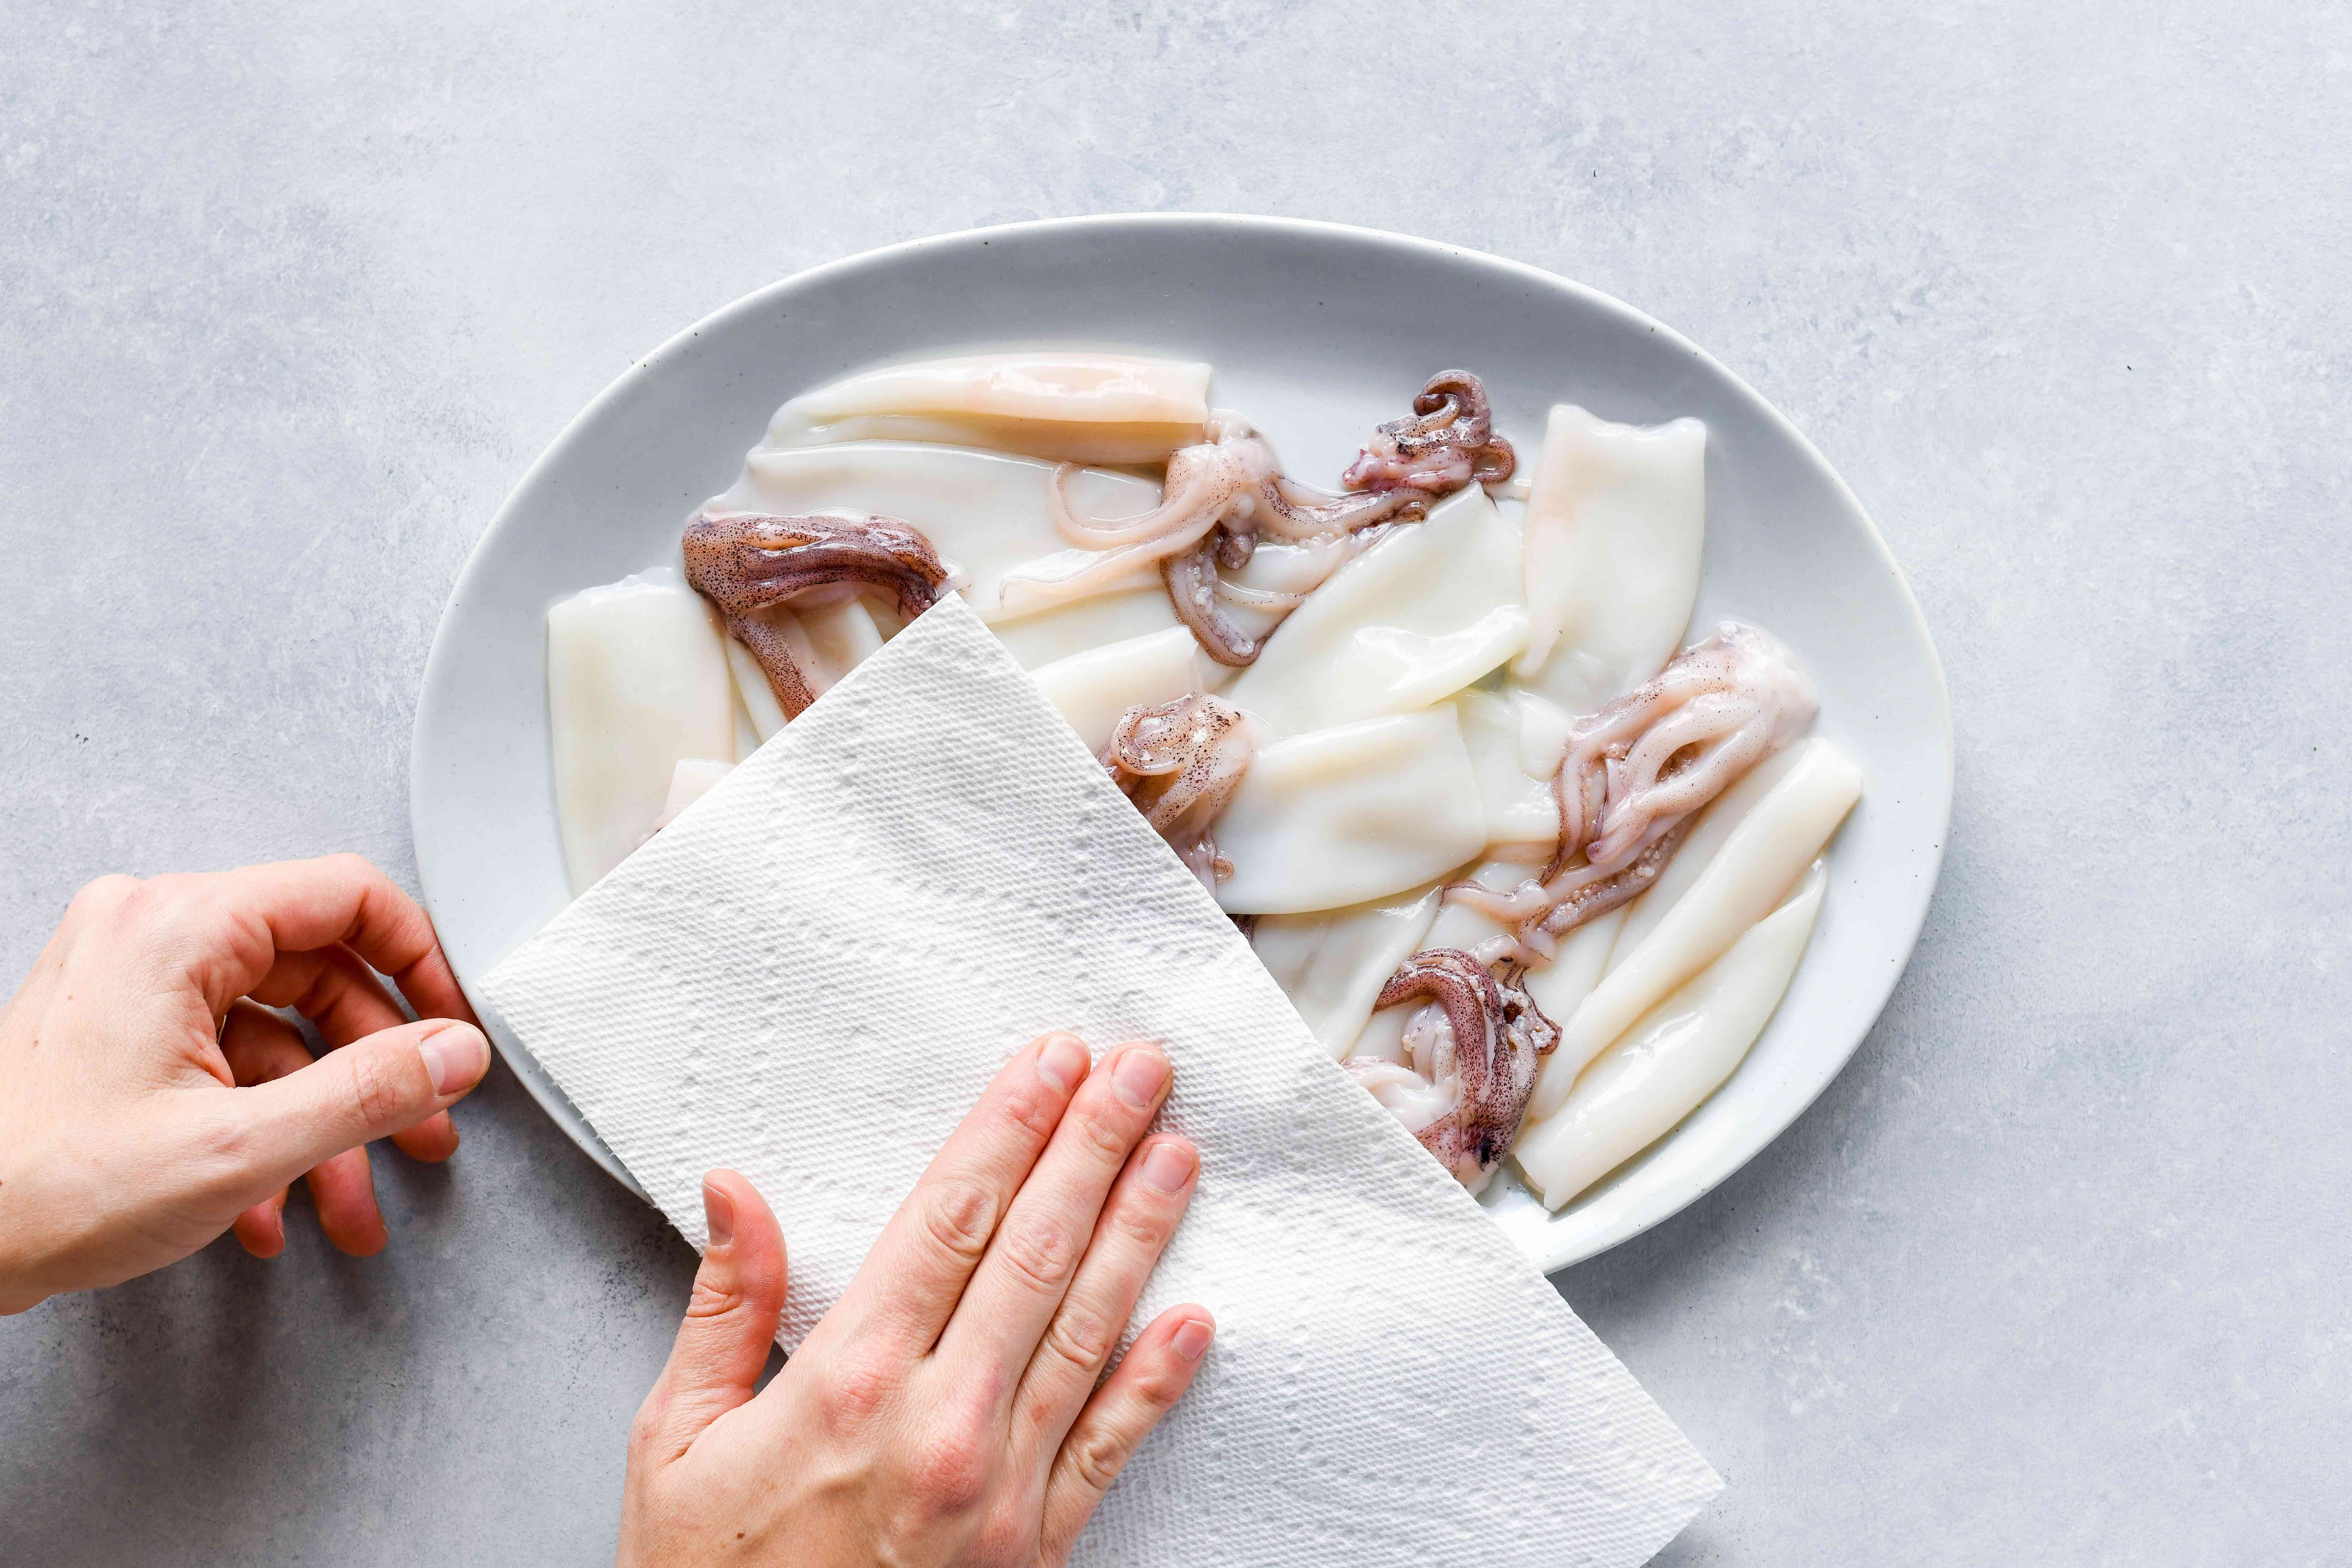 pat dry Squid (Calamari) with a paper towl